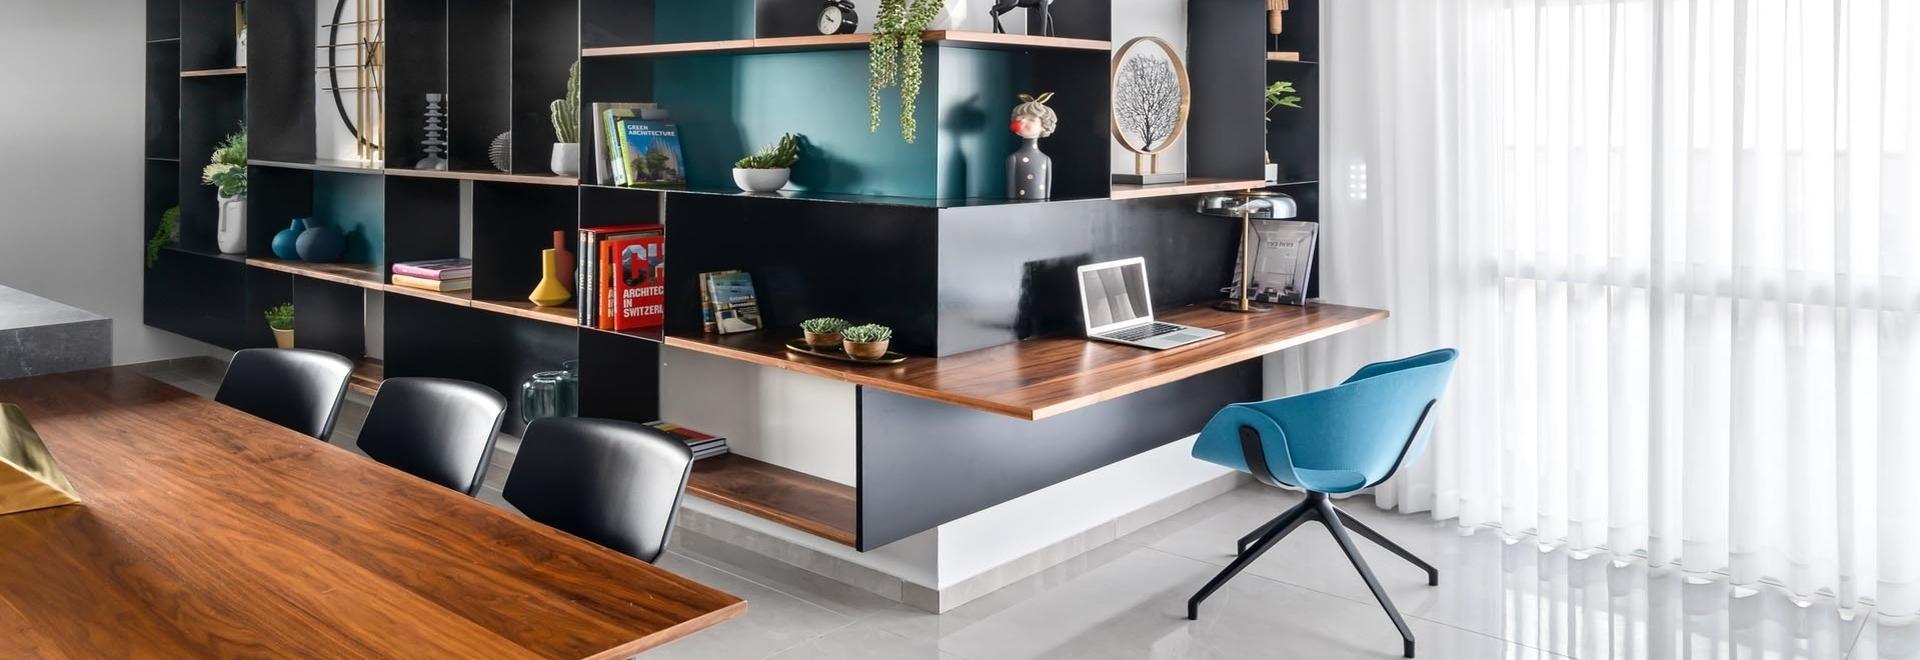 Una piccola scrivania è stata inclusa in questo muro avvolgente di scaffalature progettato per mostrare pezzi decorativi